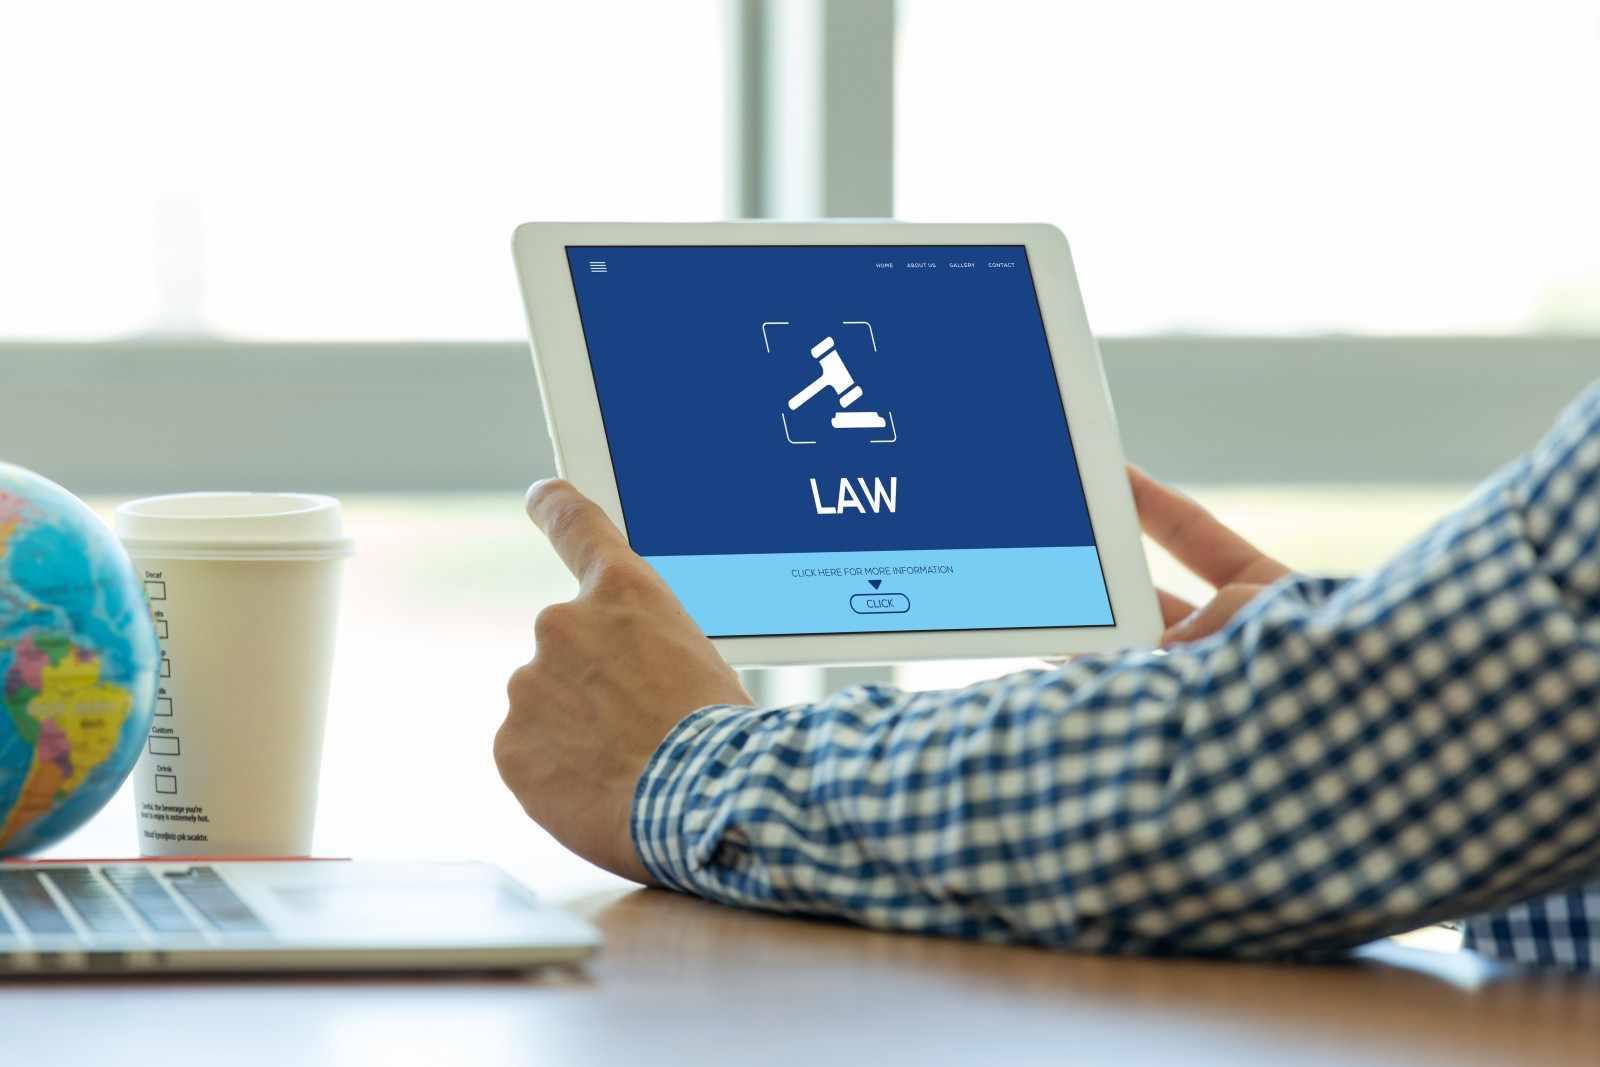 Юридическое образование дистанционно